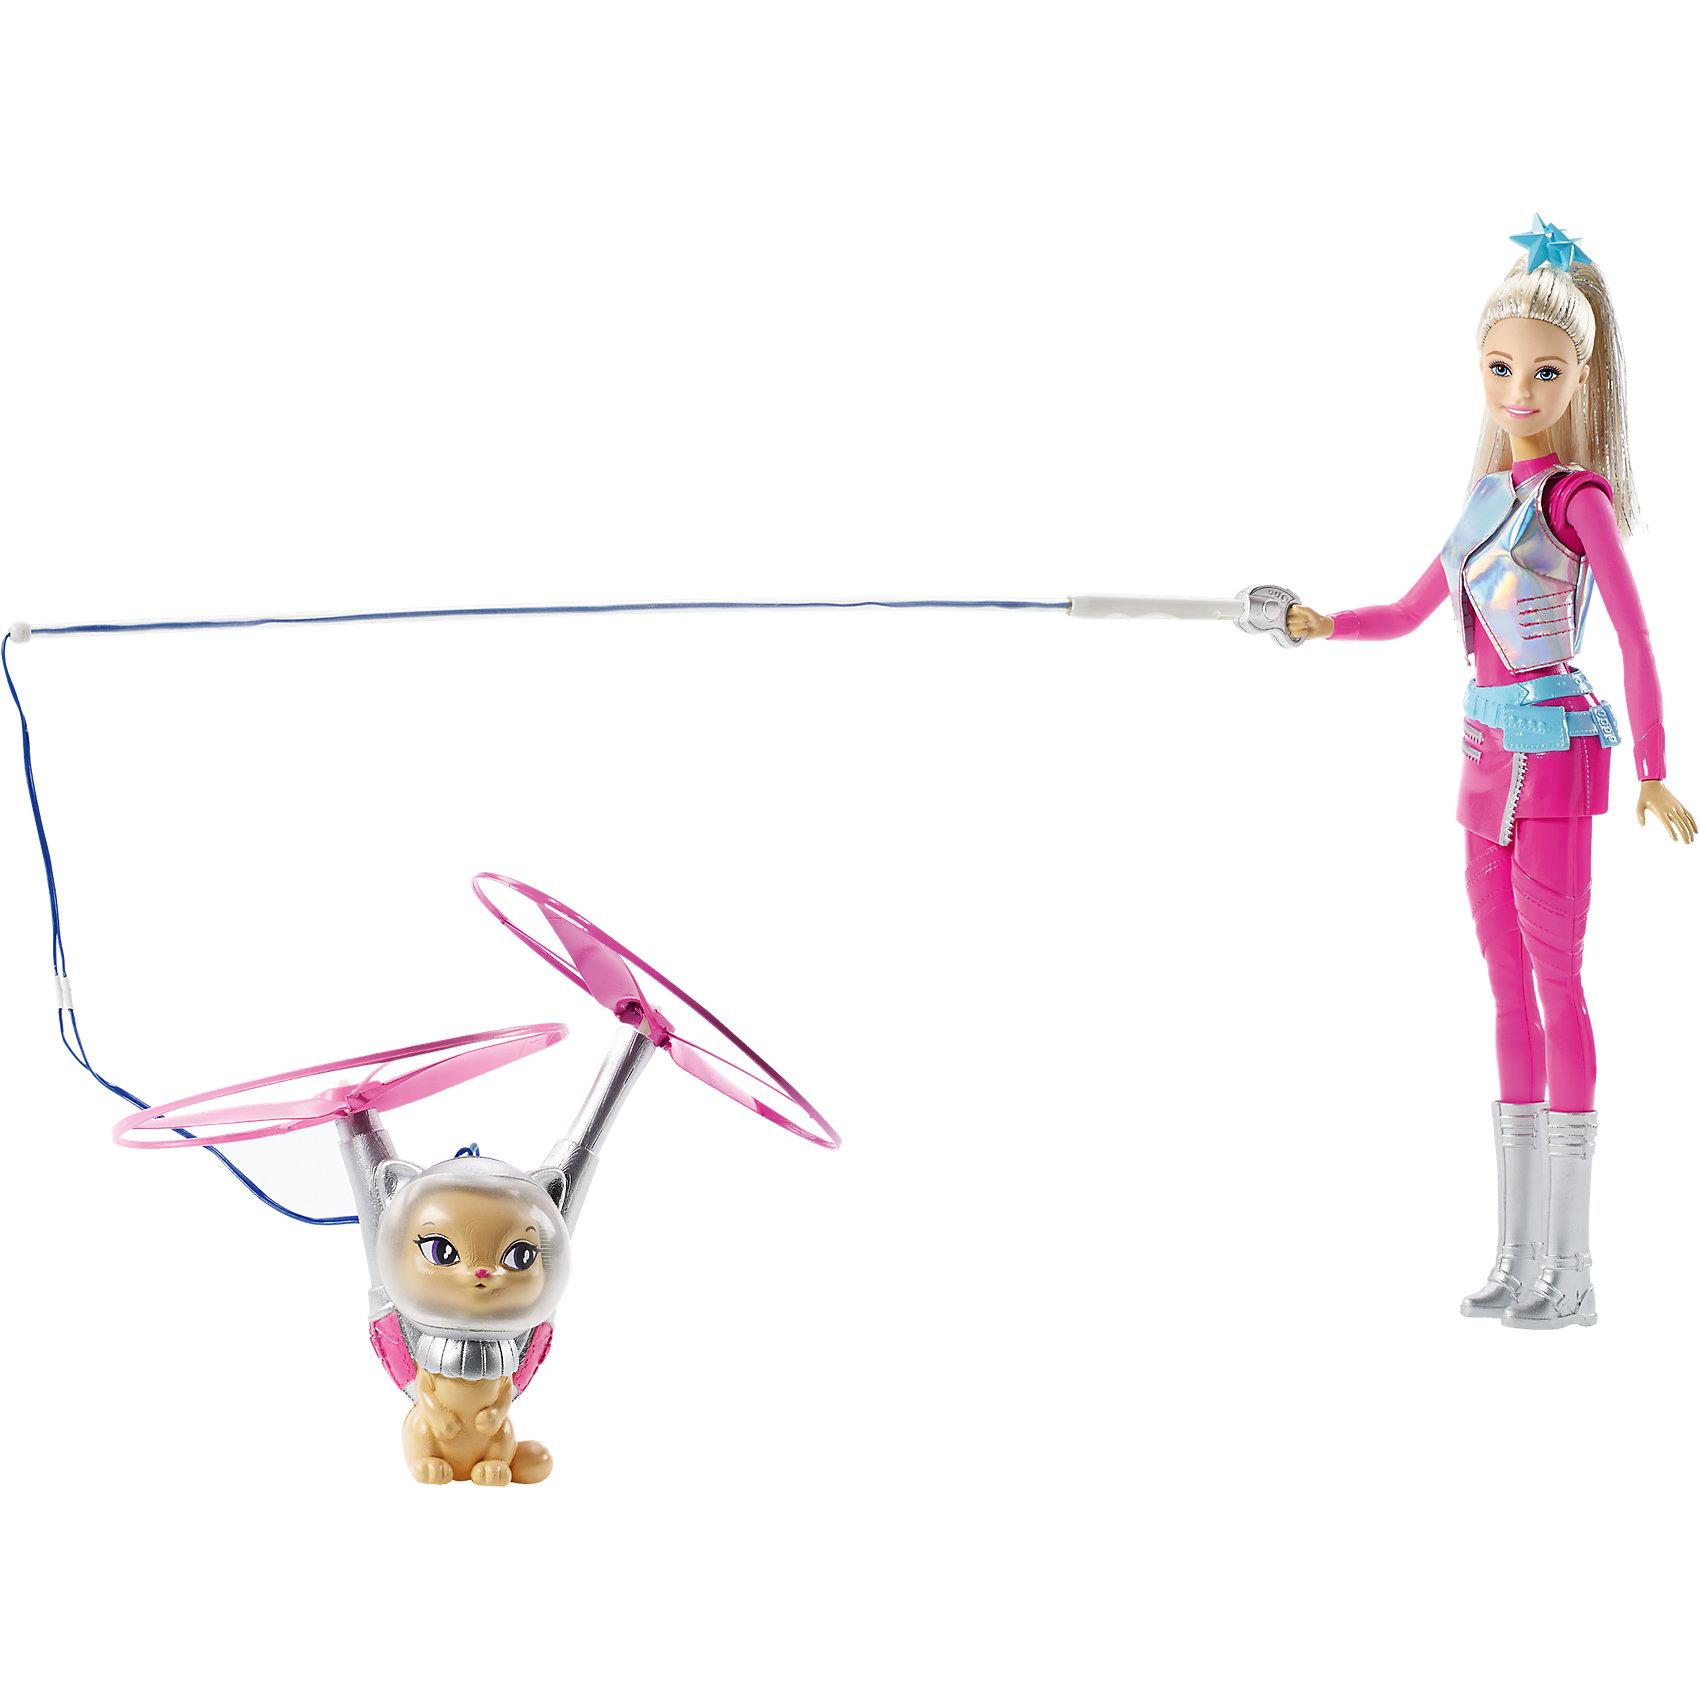 Кукла с летающим котом Попкорном из серии Barbie и космические приключенияПопулярные игрушки<br>Кукла с летающим котом Попкорном из серии Barbie и космические приключения от Mattel (Маттел) ? образ Барби, созданный по мотивам мультфильма Barbie и космические приключения. На этот раз Барби отправляется в путешествие со своим любимцем котом, который умеет летать! <br>У Barbie настоящий космический наряд: розовый комбинезон, короткая юбочка, серебристый жилет и сапоги. На поводке кукла держит своего кота. Чтобы он взлетел необходимо нажать на кнопку, расположенную на ноге куклы. Попкорн поднимается в воздух за счет движения двух пропеллеров. <br>Кукла из серии Barbie и космические приключения, Barbie (Барби) может быть отличным вариантом в качестве подарка для девочки к любому торжеству.<br><br>Дополнительная информация:<br><br>- Вид игр: сюжетно-ролевые <br>- Предназначение: для дома<br>- Серия: Barbie и космические приключения <br>- Материал: пластик, резина, текстиль<br>- Особенности ухода: куклу и аксессуары можно мыть в теплой мыльной воде<br><br>Куклу с летающим котом Попкорном из серии Barbie и космические приключения от Mattel (Маттел) можно купить в нашем интернет-магазине.<br><br>Ширина мм: 327<br>Глубина мм: 253<br>Высота мм: 71<br>Вес г: 319<br>Возраст от месяцев: 36<br>Возраст до месяцев: 72<br>Пол: Женский<br>Возраст: Детский<br>SKU: 4765333